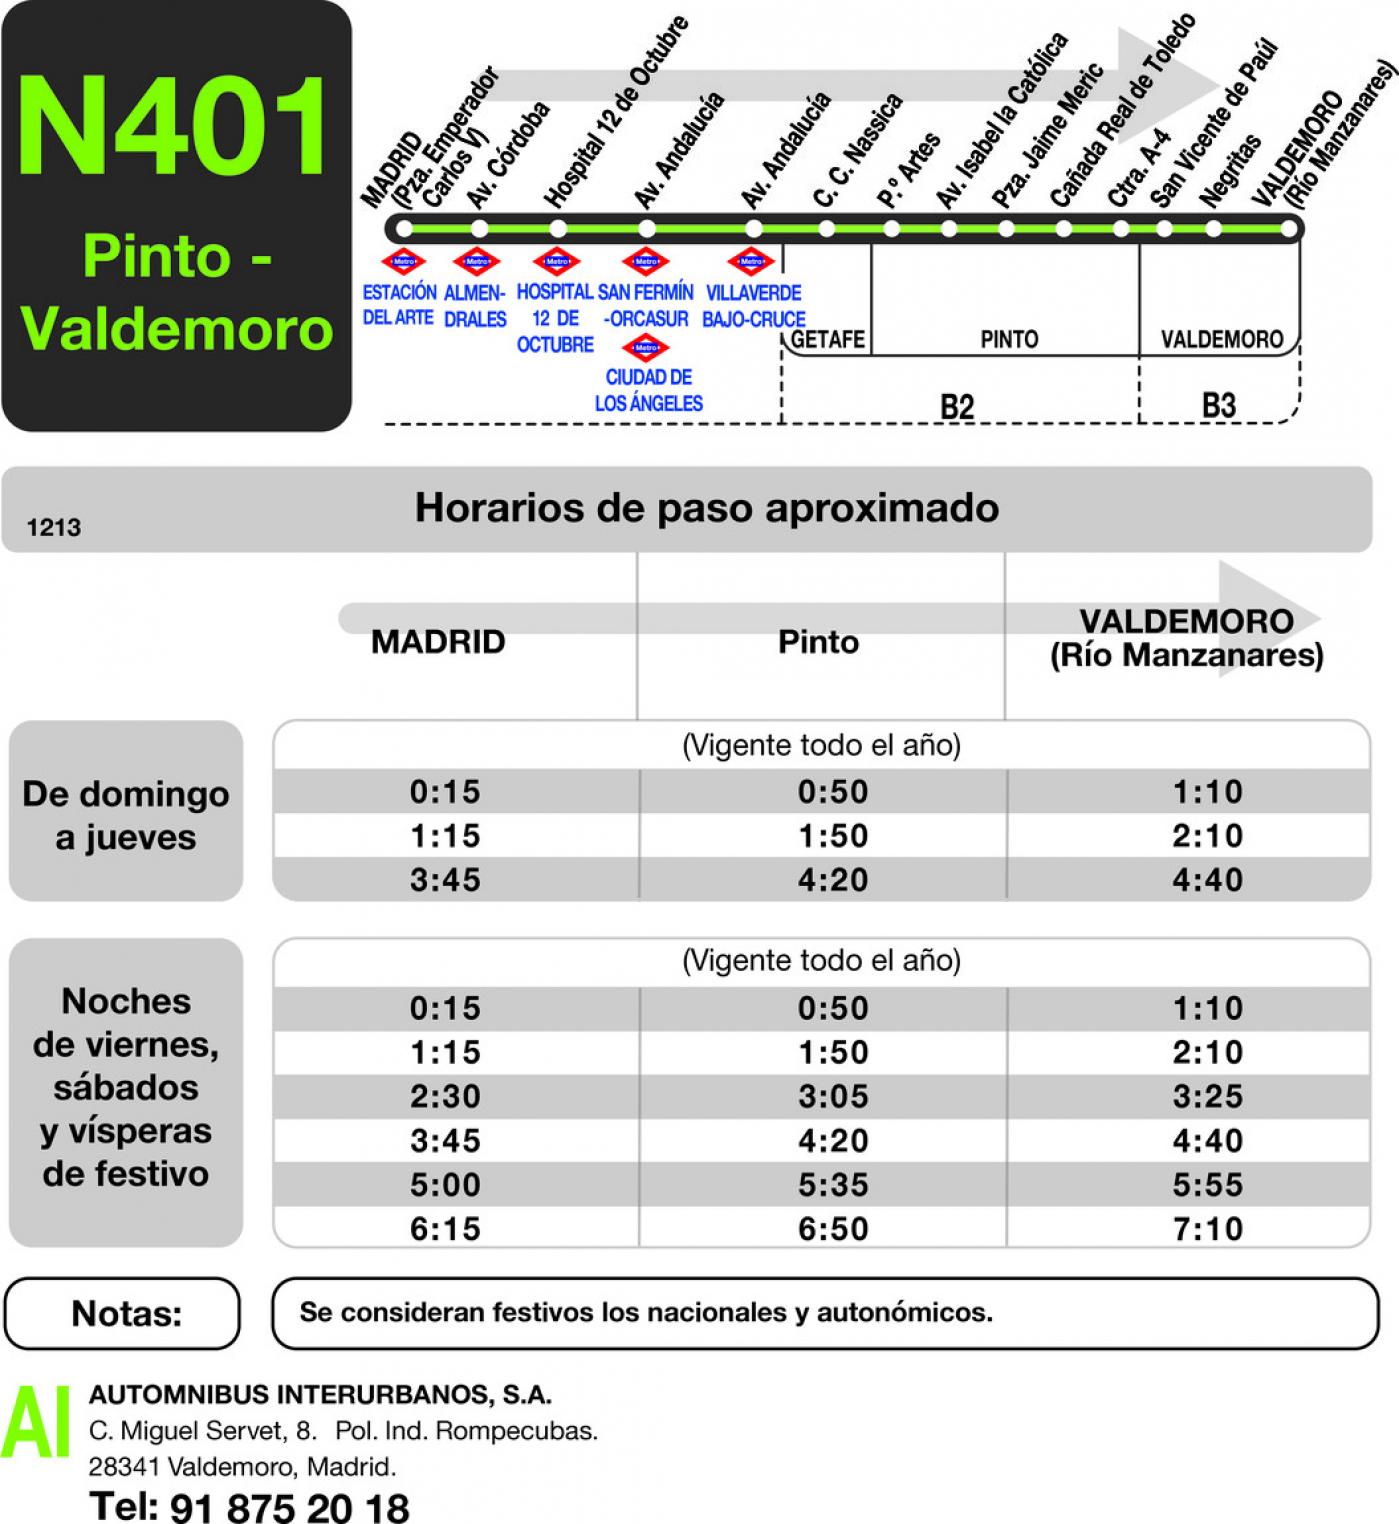 Tabla de horarios y frecuencias de paso en sentido ida Línea N-401: Madrid (Atocha) - Pinto - Valdemoro